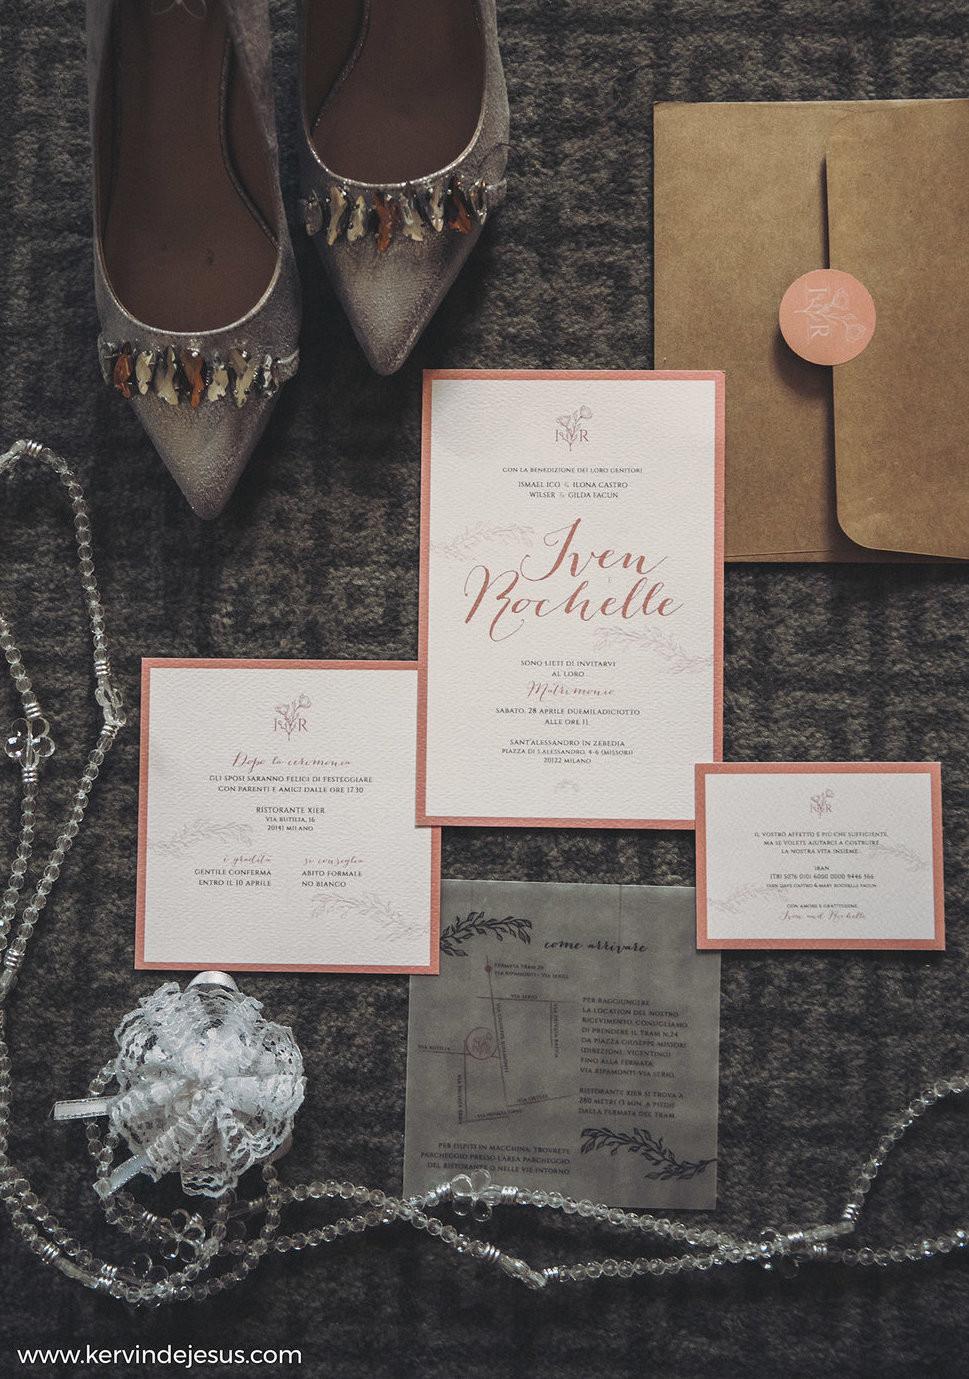 fcs_rochelleiven_wedding1.jpg